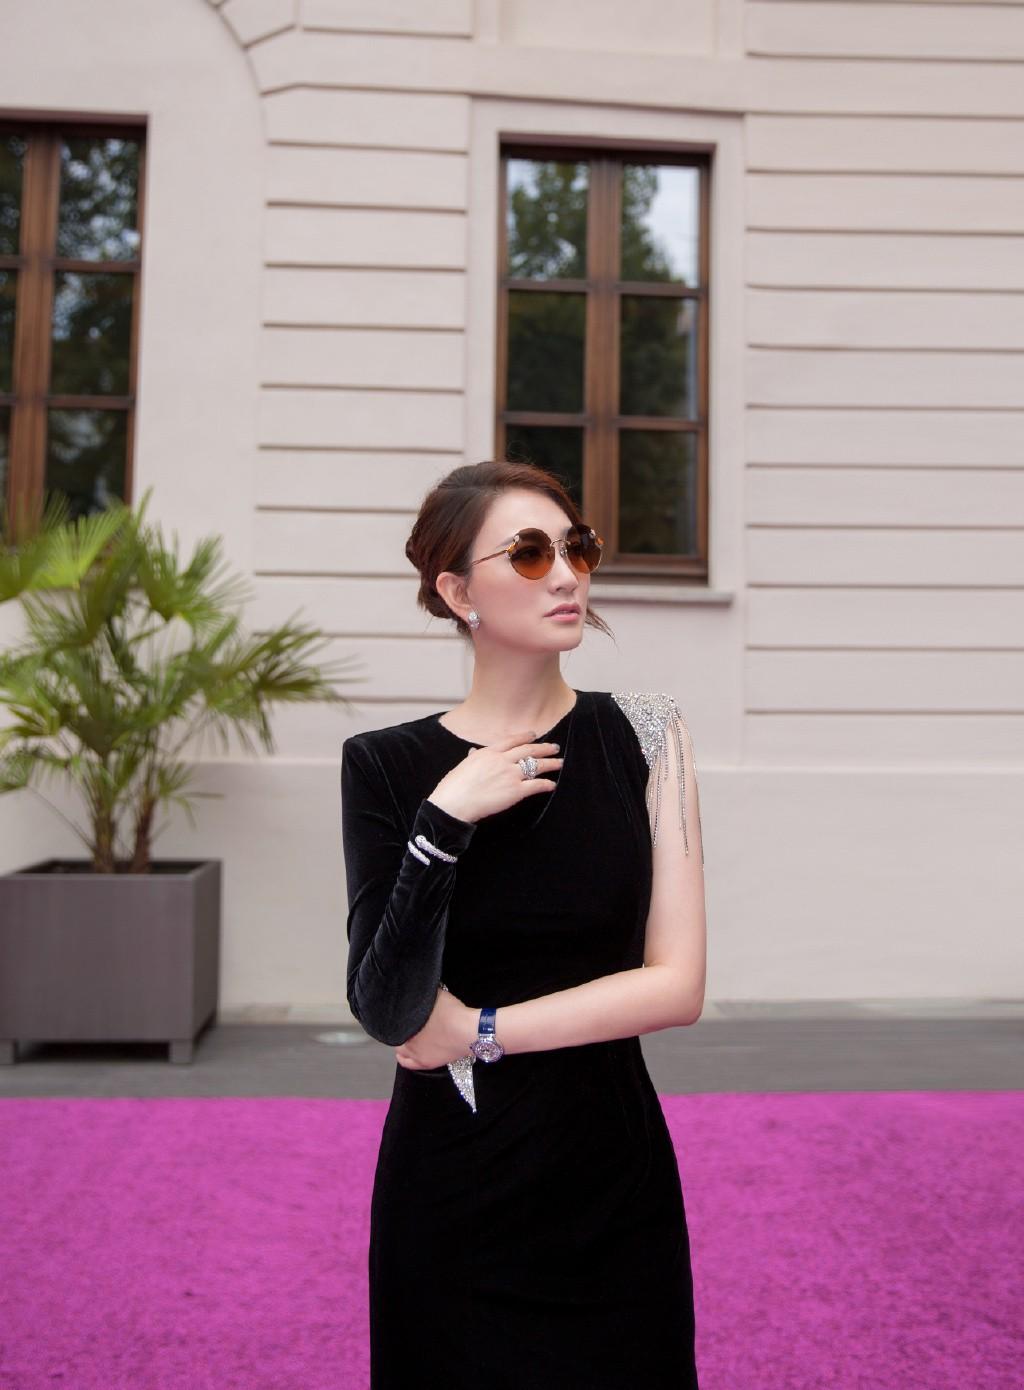 她出道23年却戏红人不红,今穿黑色拼接丝绒裙,尽显优雅大气